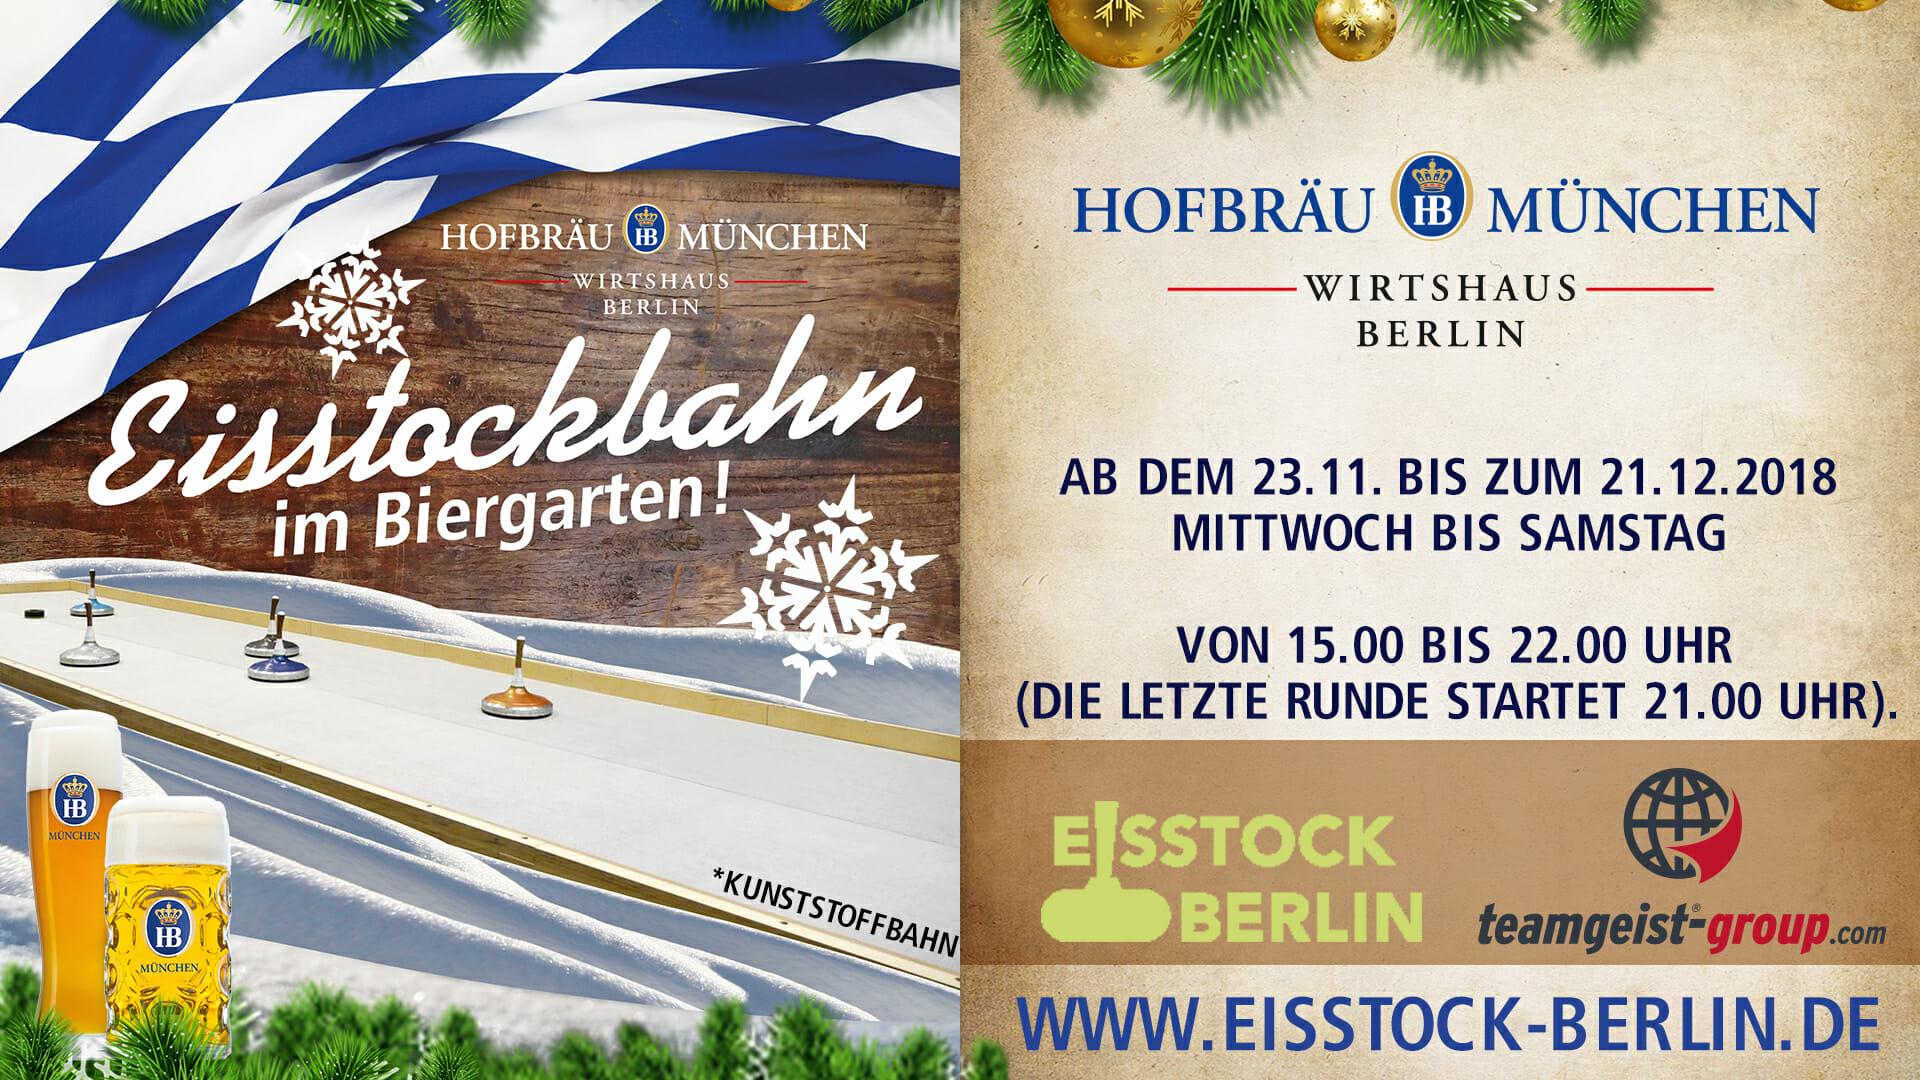 Eisstockschießen Berlin Weihnachtsfeier.Eisstockschiessen Berlin Hofbräu Wirtshaus